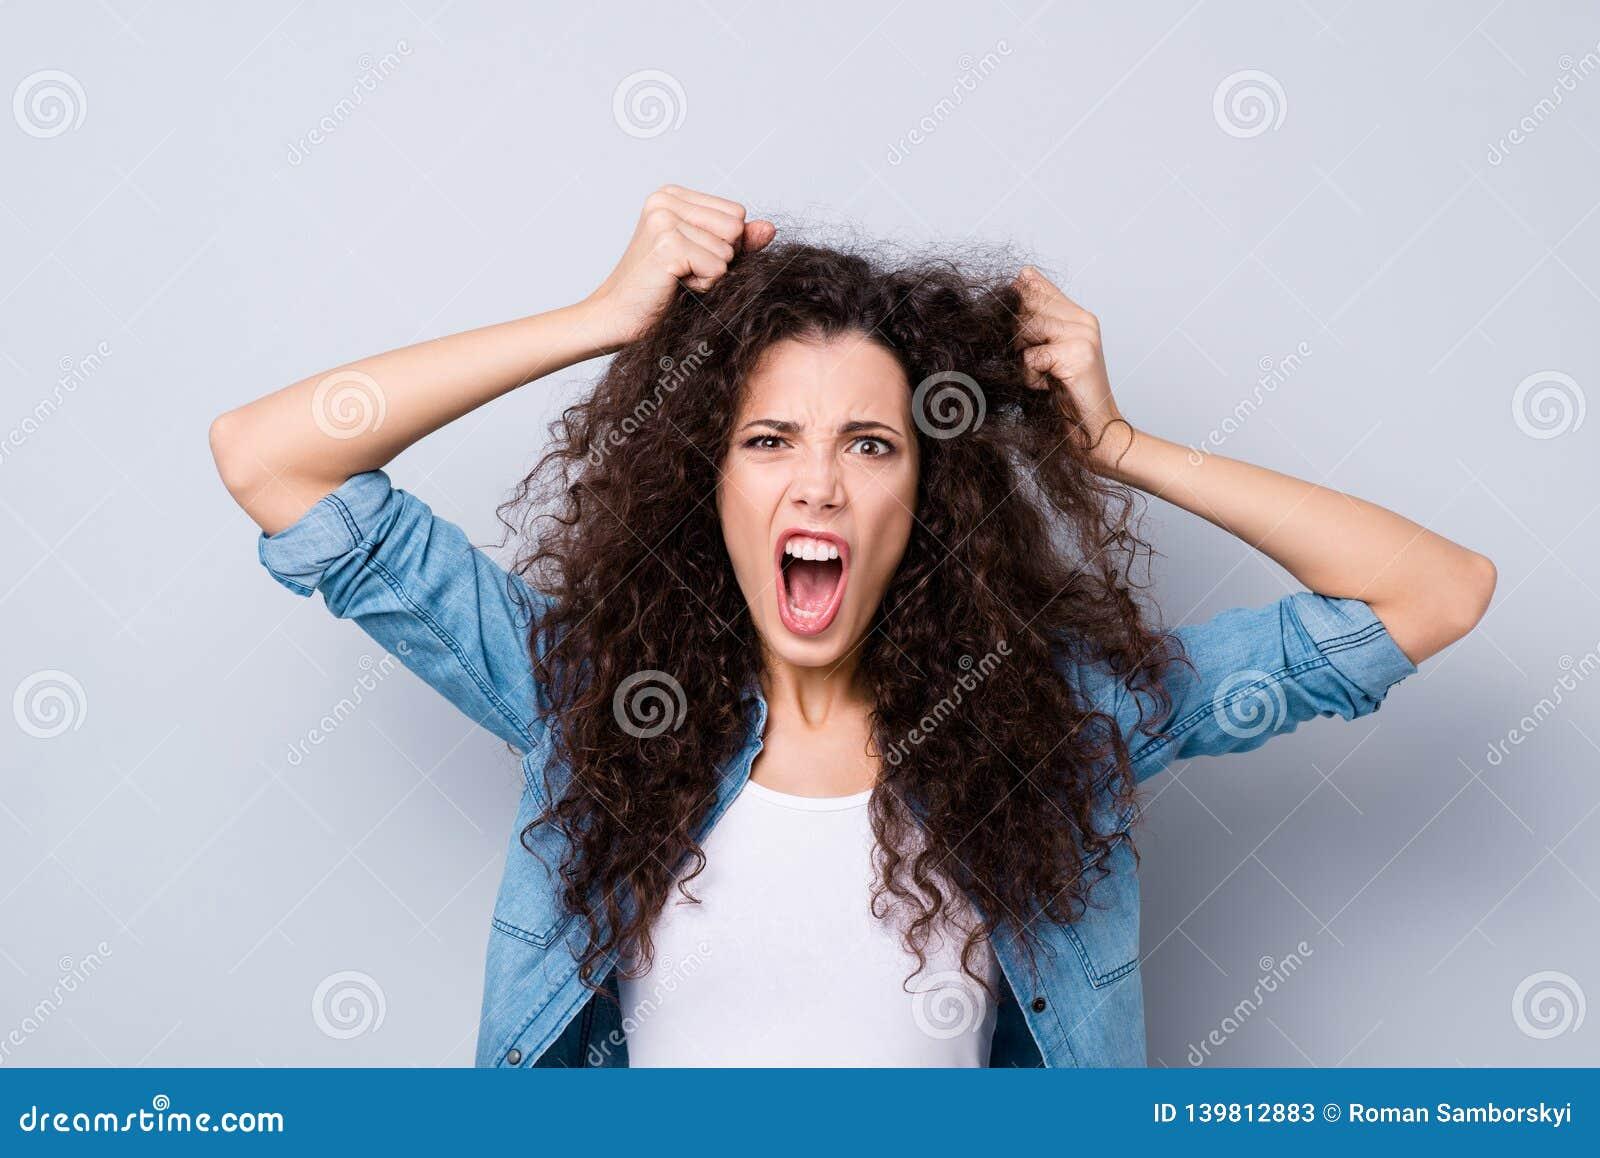 Sluit foto het schreeuwen aantrekkelijk verbazen haar zij de wapens van damehanden uittrekken omhoog haarheldendicht ontbreken ge